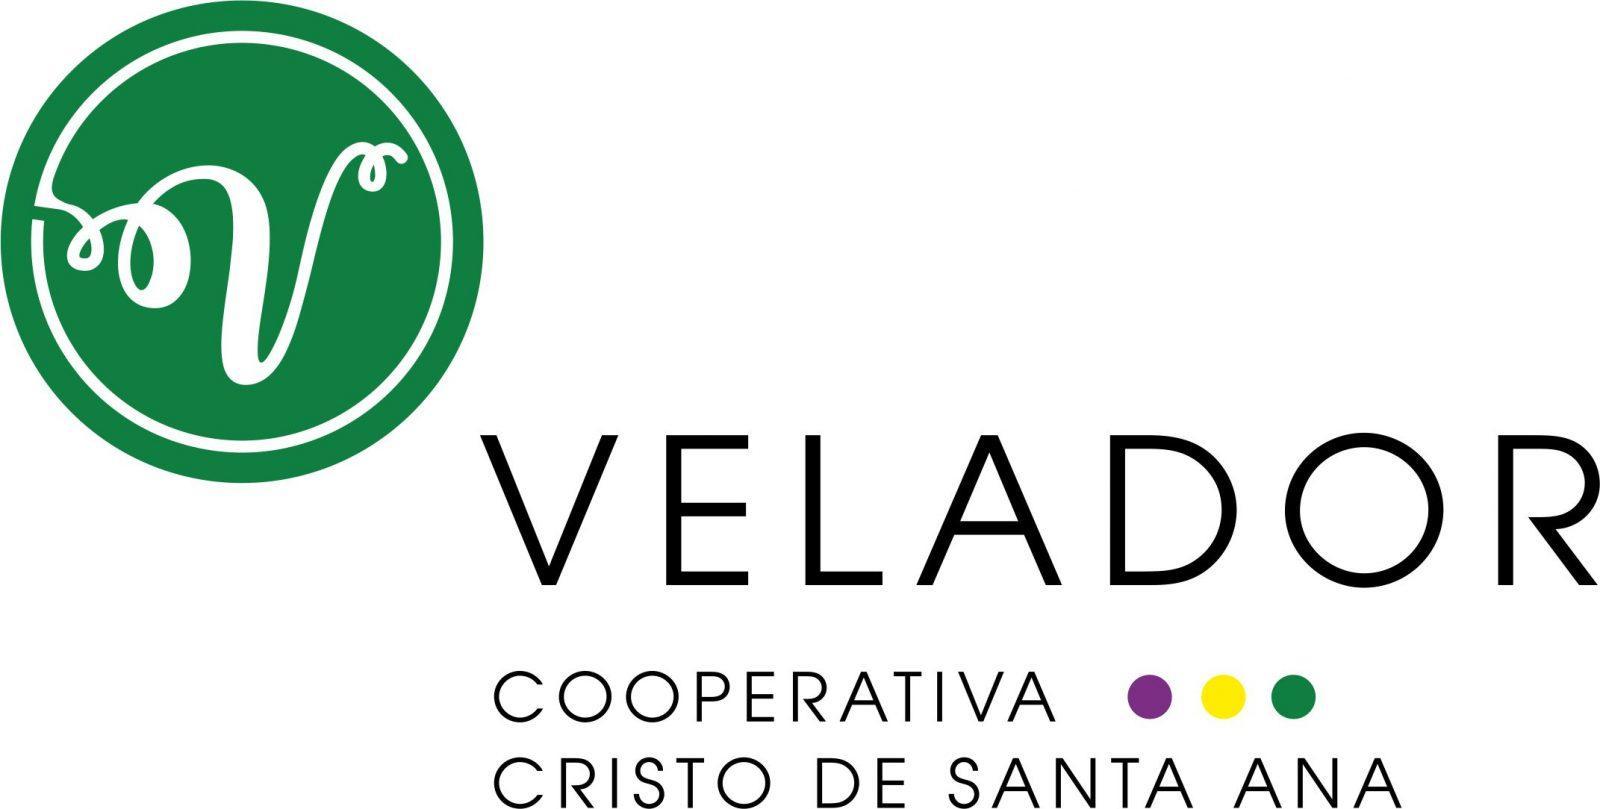 Cooperativa Velador